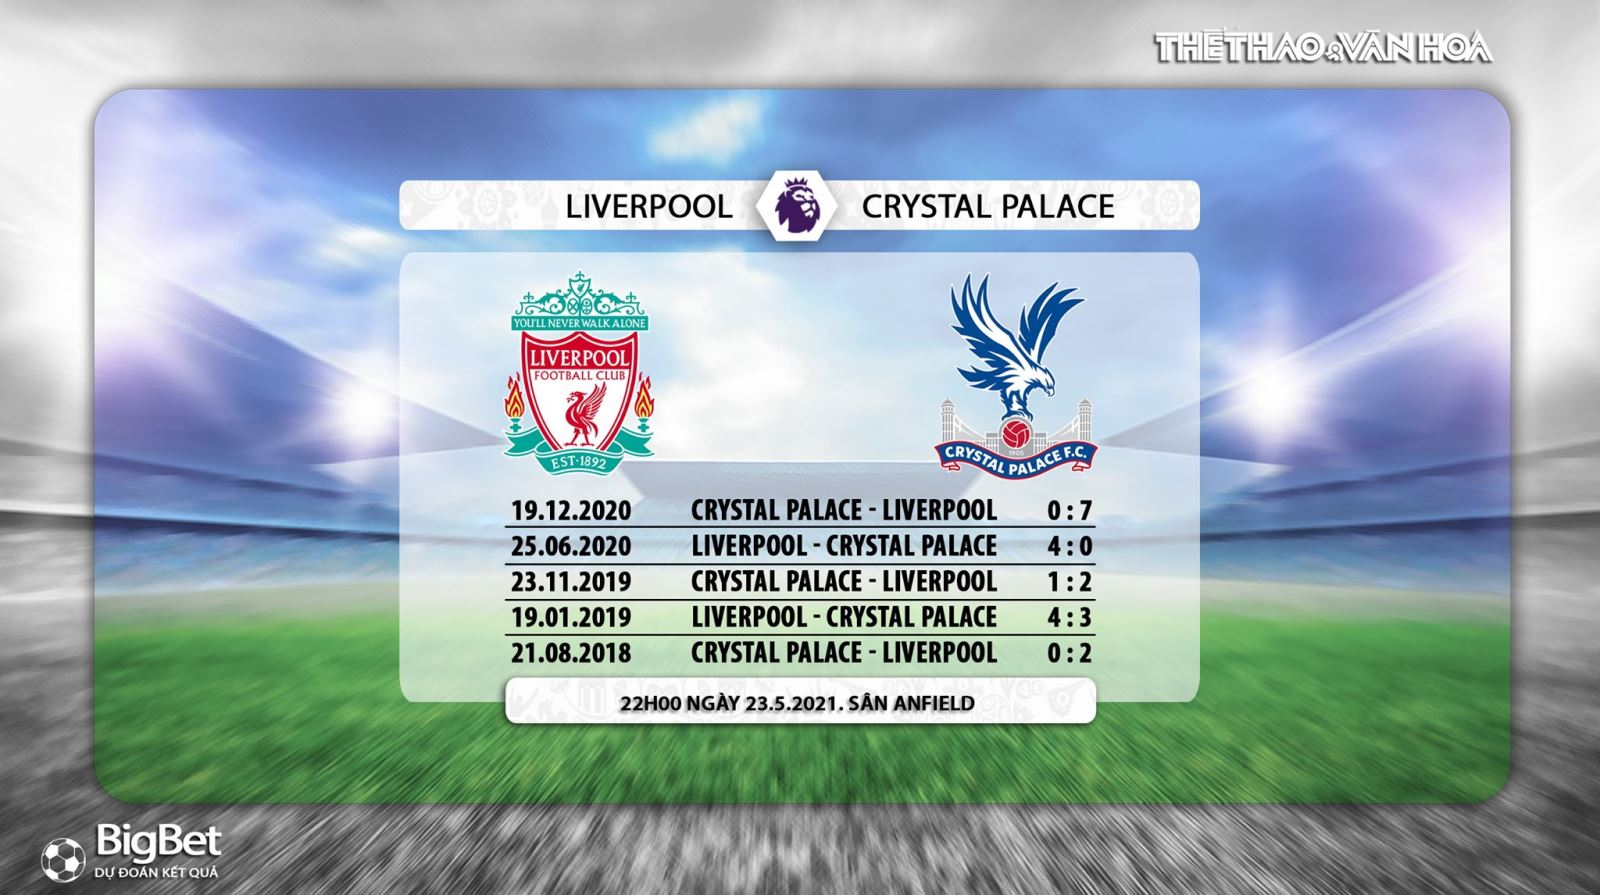 Truc tiep bong da, K+, K+PM, Liverpool vs Crystal Palace, Leicester vs Tottenham, trực tiếp bóng đá Anh, trực tiếp ngoại hạng Anh, xem trực tiếp Liverpool, Leicester